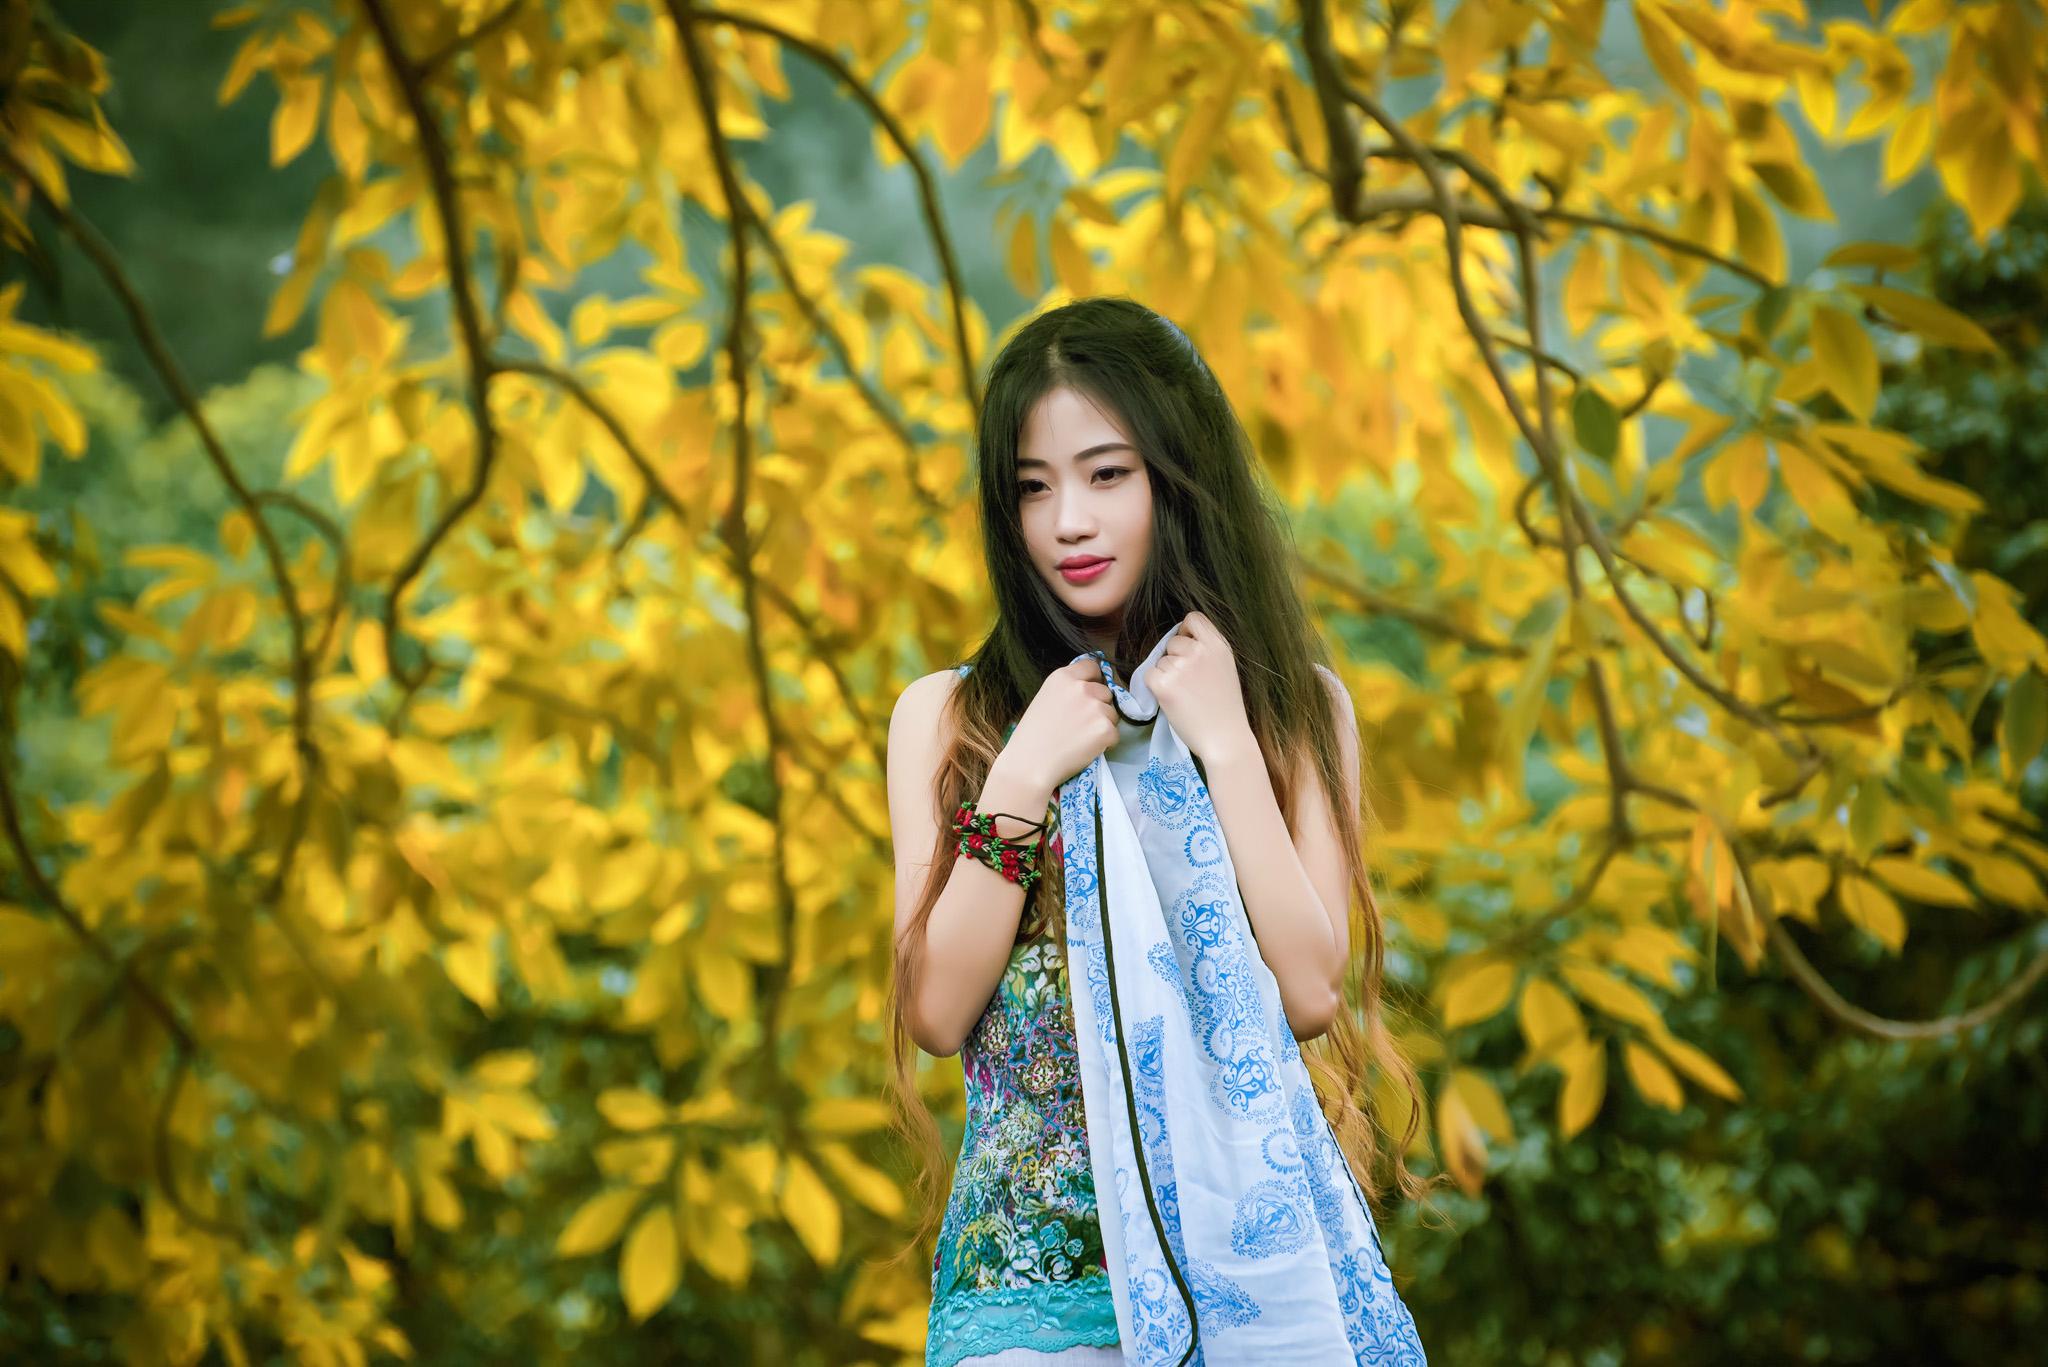 黄叶情思 - 春色满园 - 春色满园